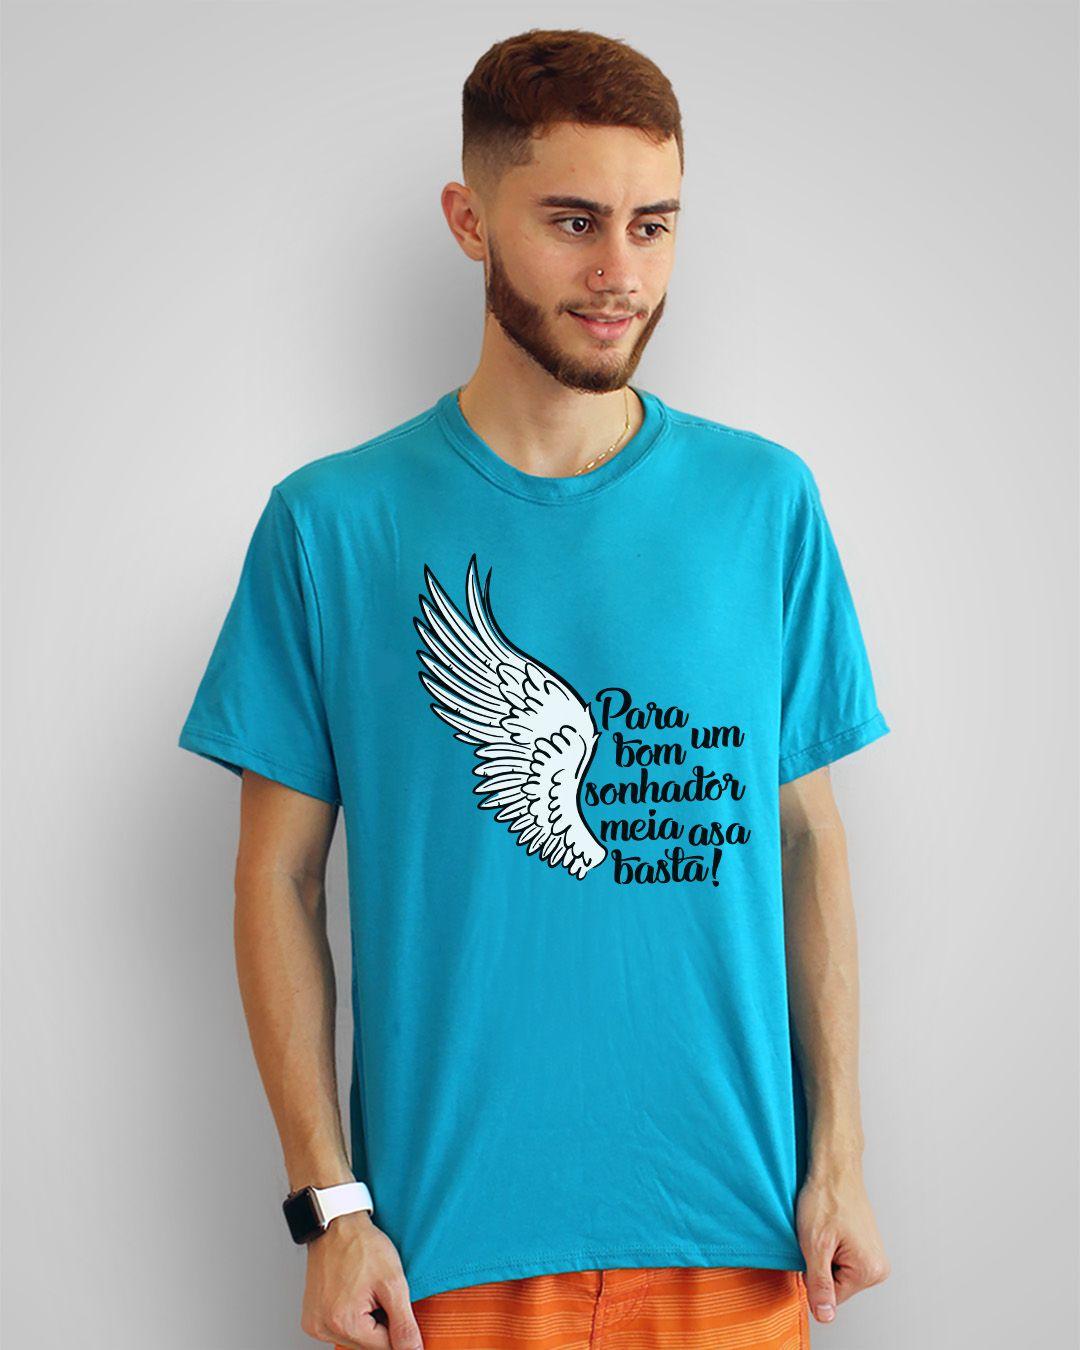 Camiseta Para um bom sonhador, meia asa basta